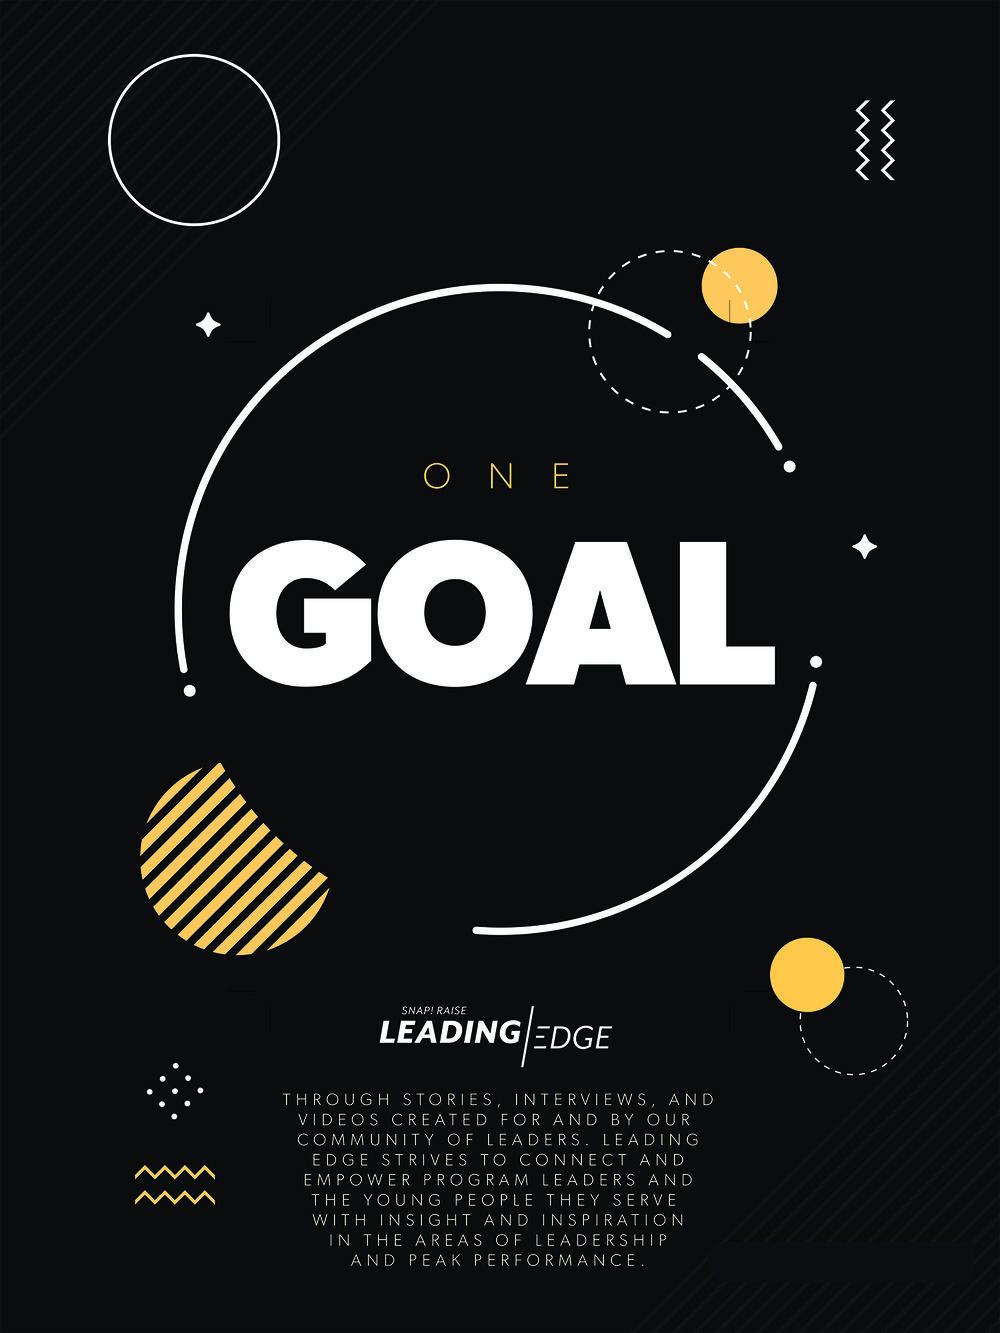 One Goal Leading Edge Poster_smaller for web.jpg